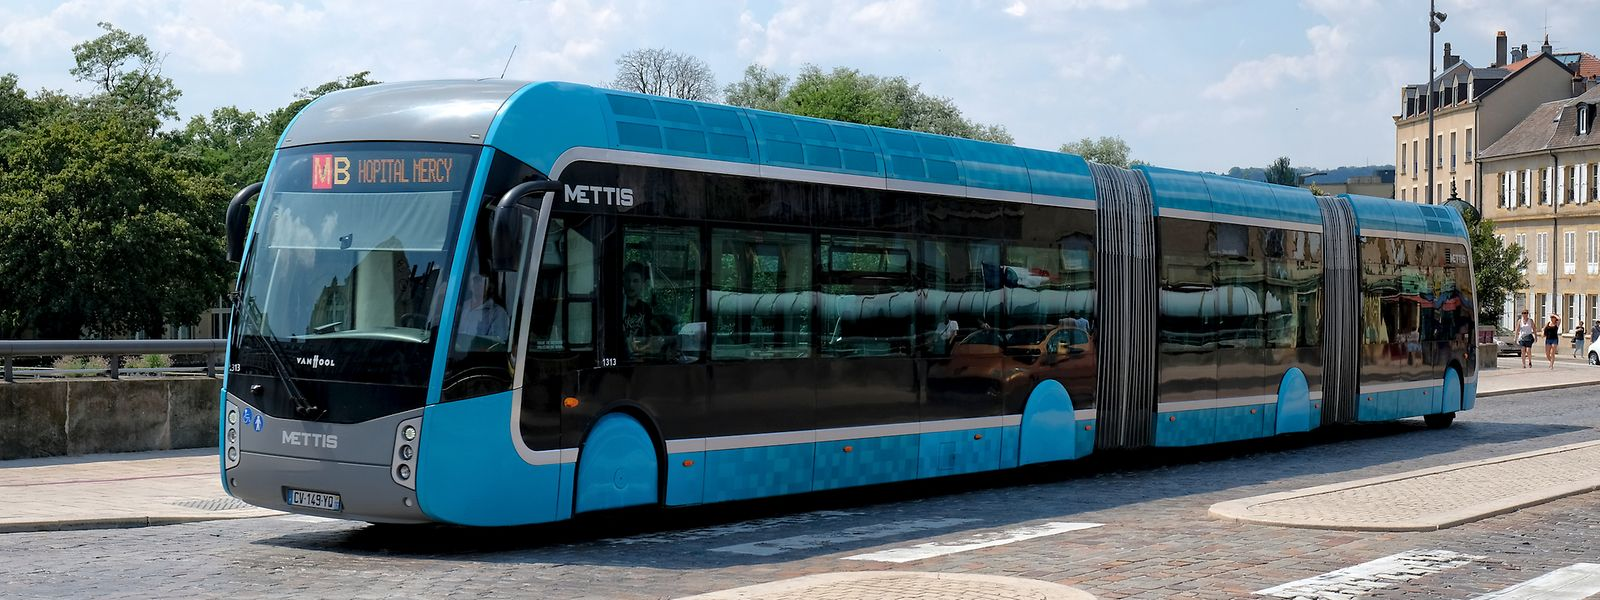 2013 wurde mit dem Mettis ein Hochkapazitätsbus (BHNS) in Metz eingeführt. In Zukunft soll ein ähnliches Bussystem in Luxemburgs Südregion verkehren.